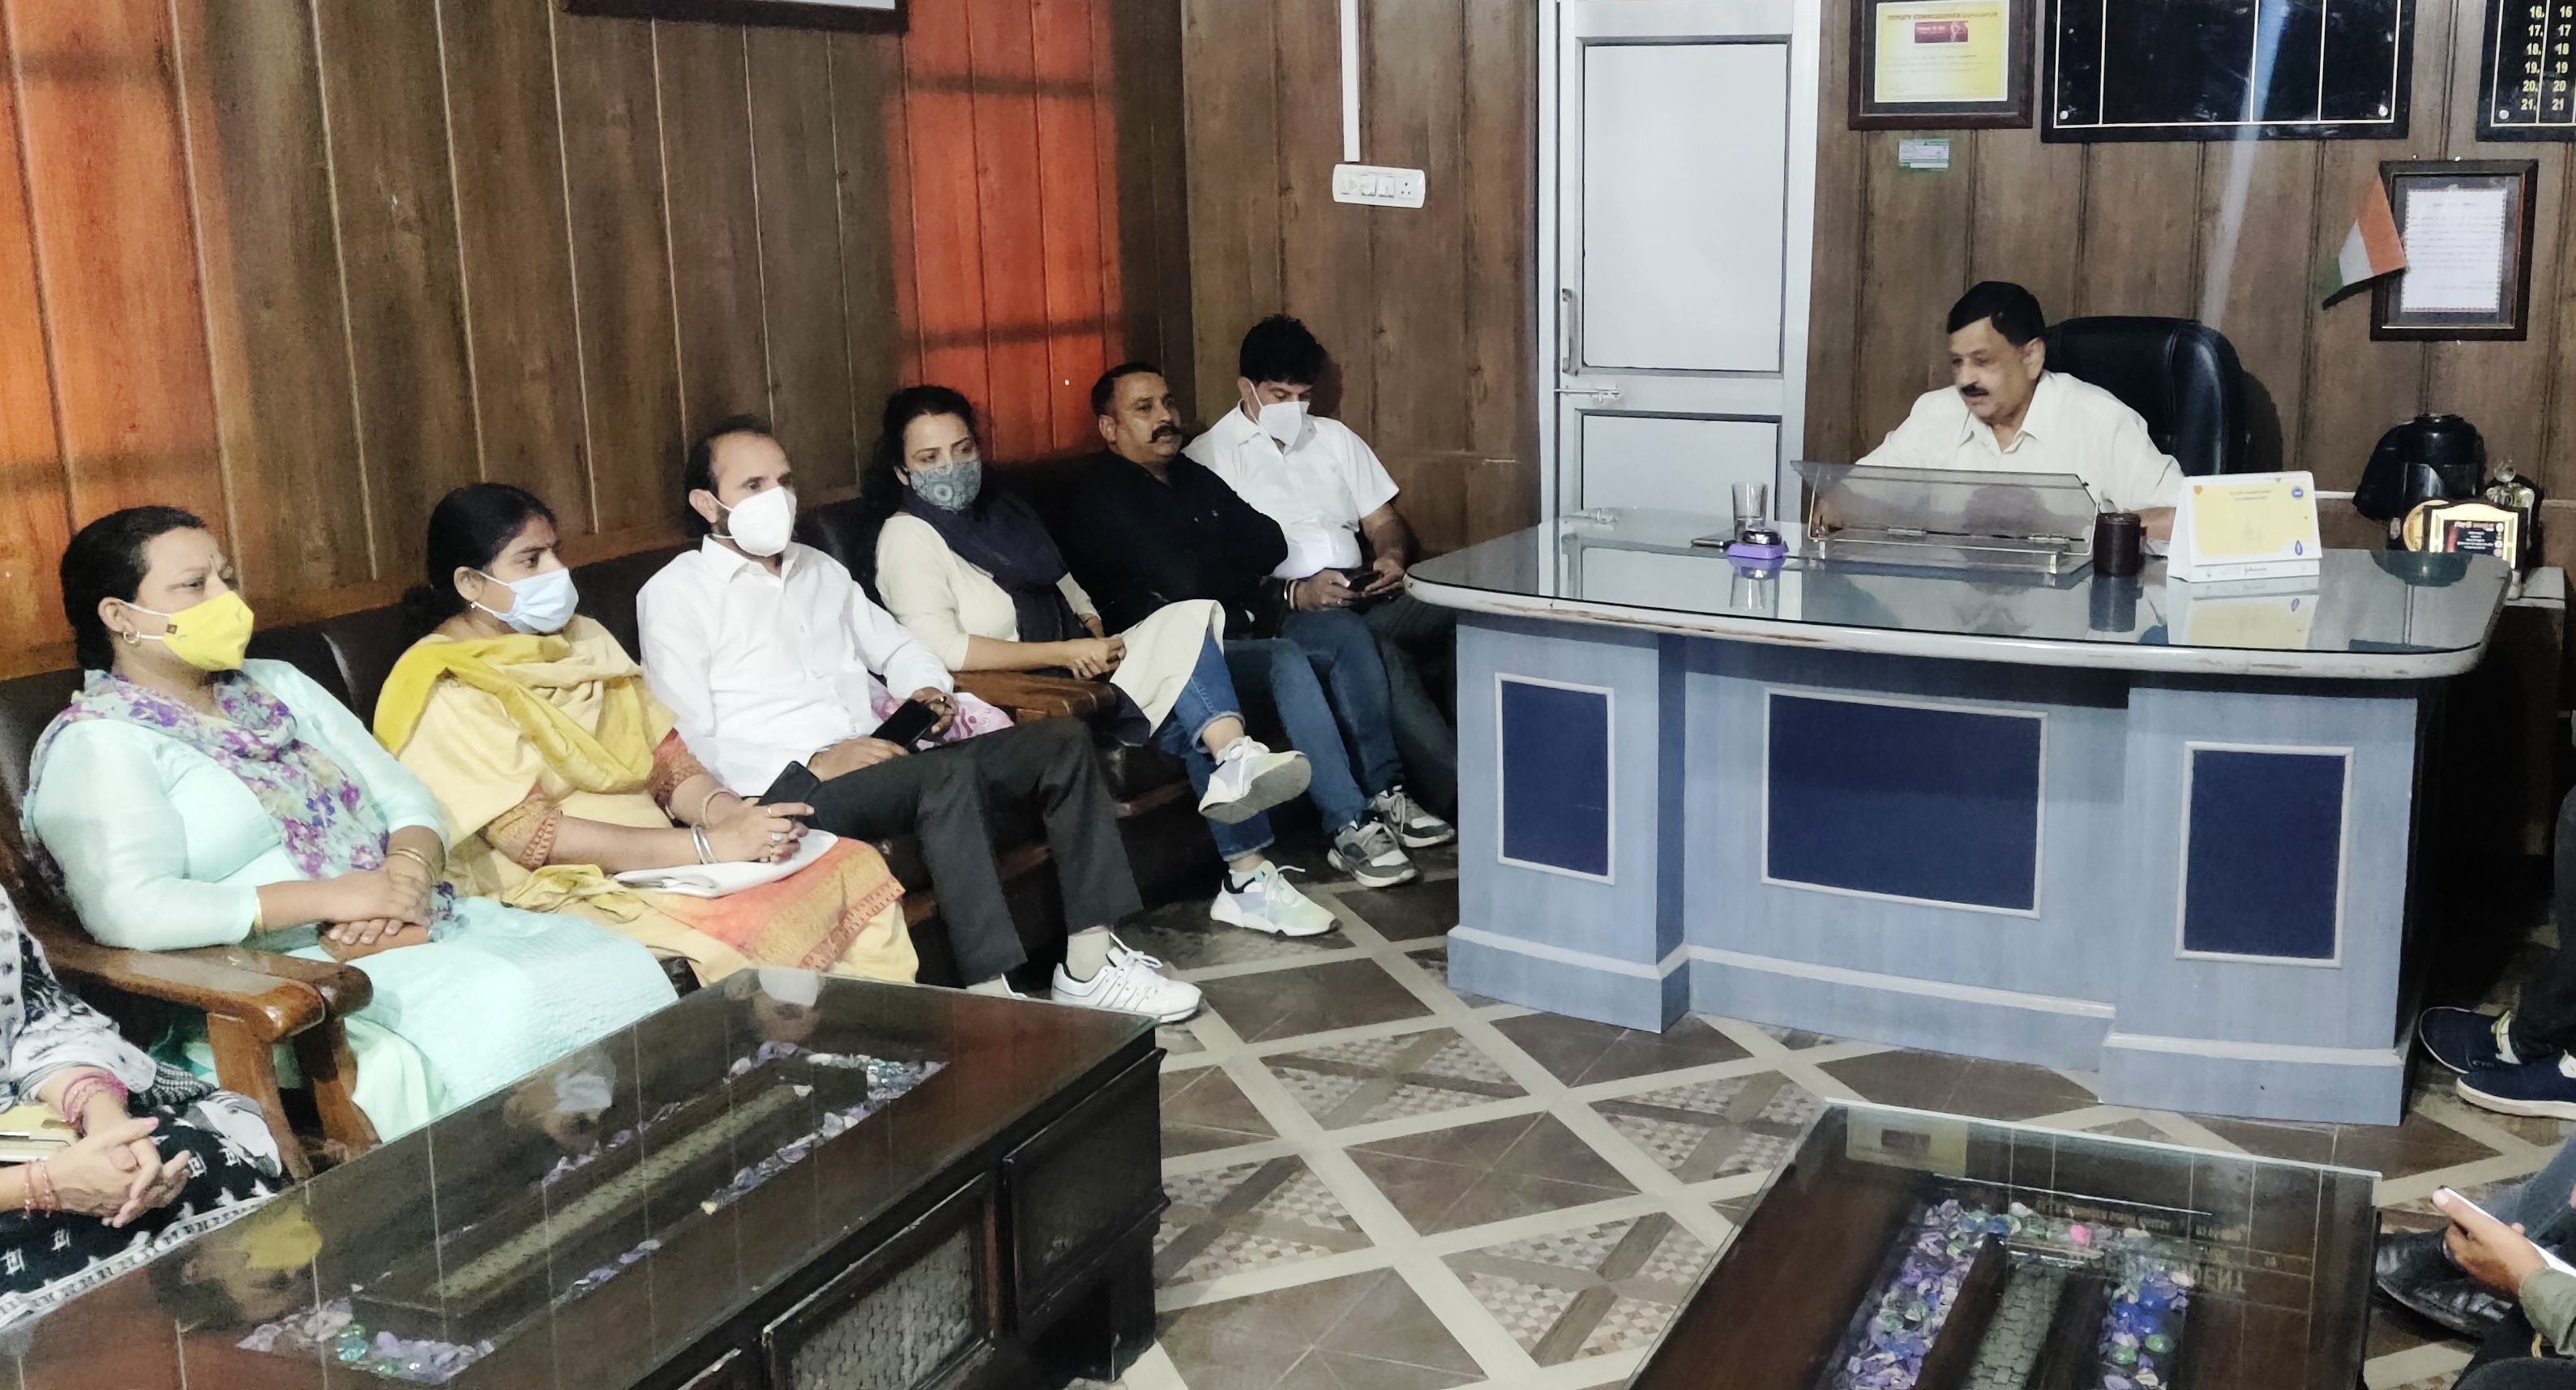 उधमपुर में सीवरेज पाइप लाइन बिछाने के कार्य का बैठक कर विरोध करते नगर परिषद पार्षद व चेयरमैन